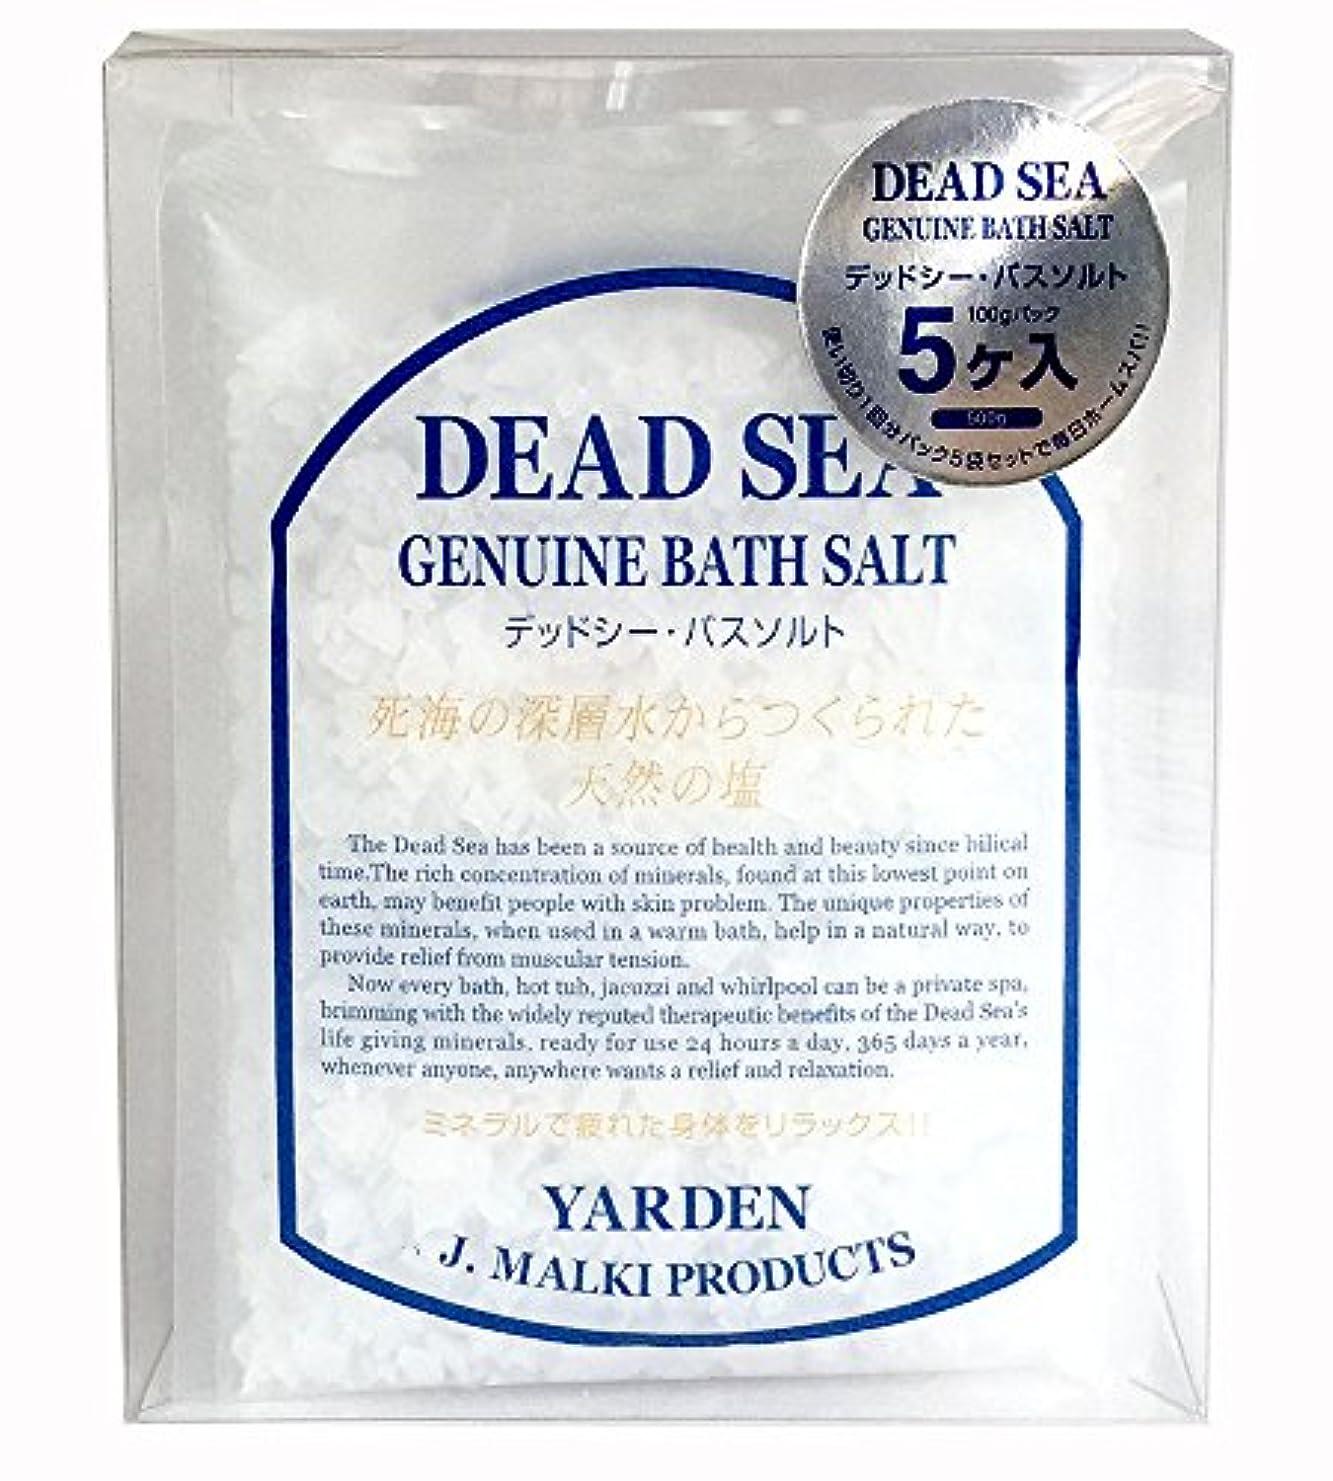 不純危険なバイパスデッドシー?バスソルト 100g×5個セット【DEAD SEA BATH SALT】死海の塩/入浴剤(入浴用化粧品)【正規販売店】